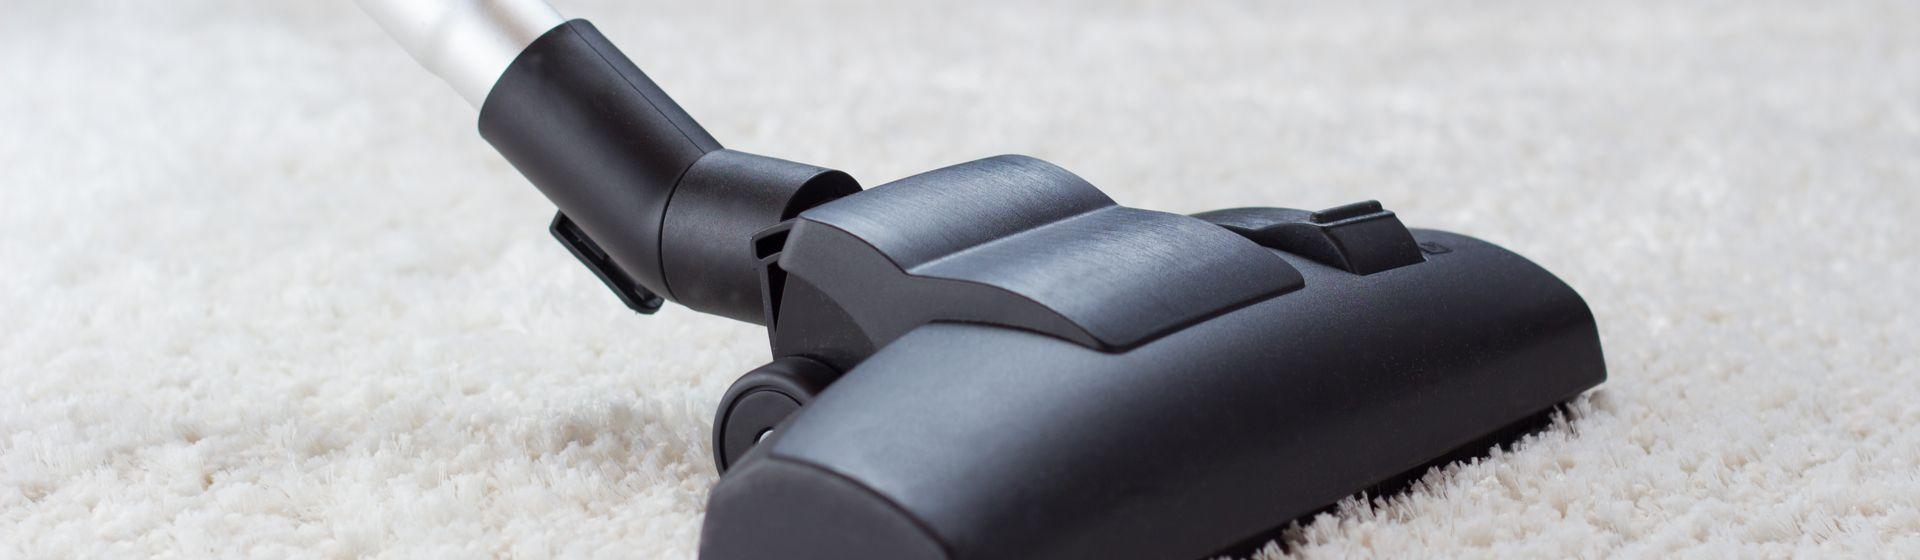 Aspirador de pó e água Electrolux: confira 5 modelos para comprar em 2020